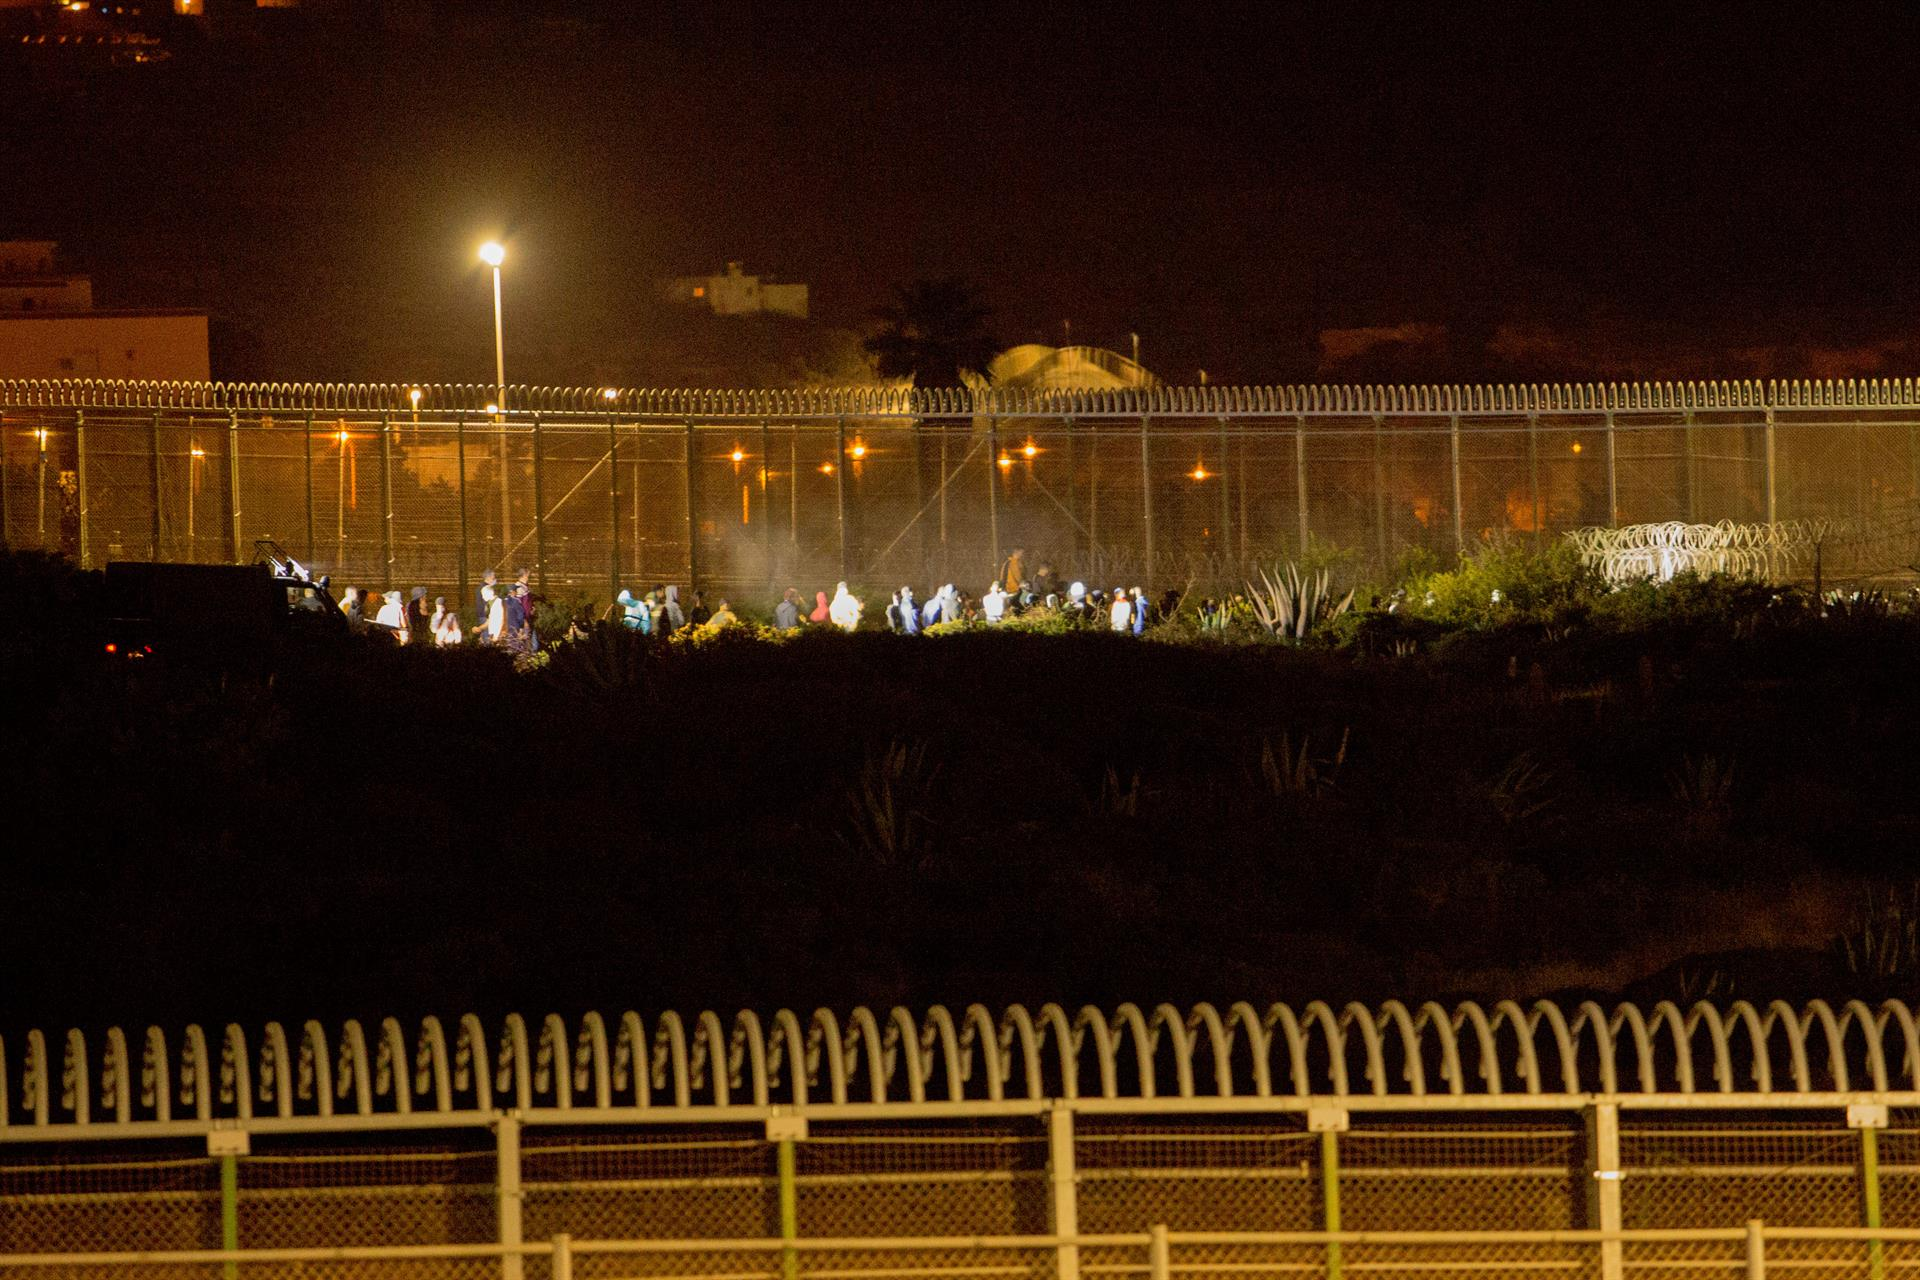 Más de 200 migrantes, algunos heridos, pasan a Melilla saltando la valla con Marruecos